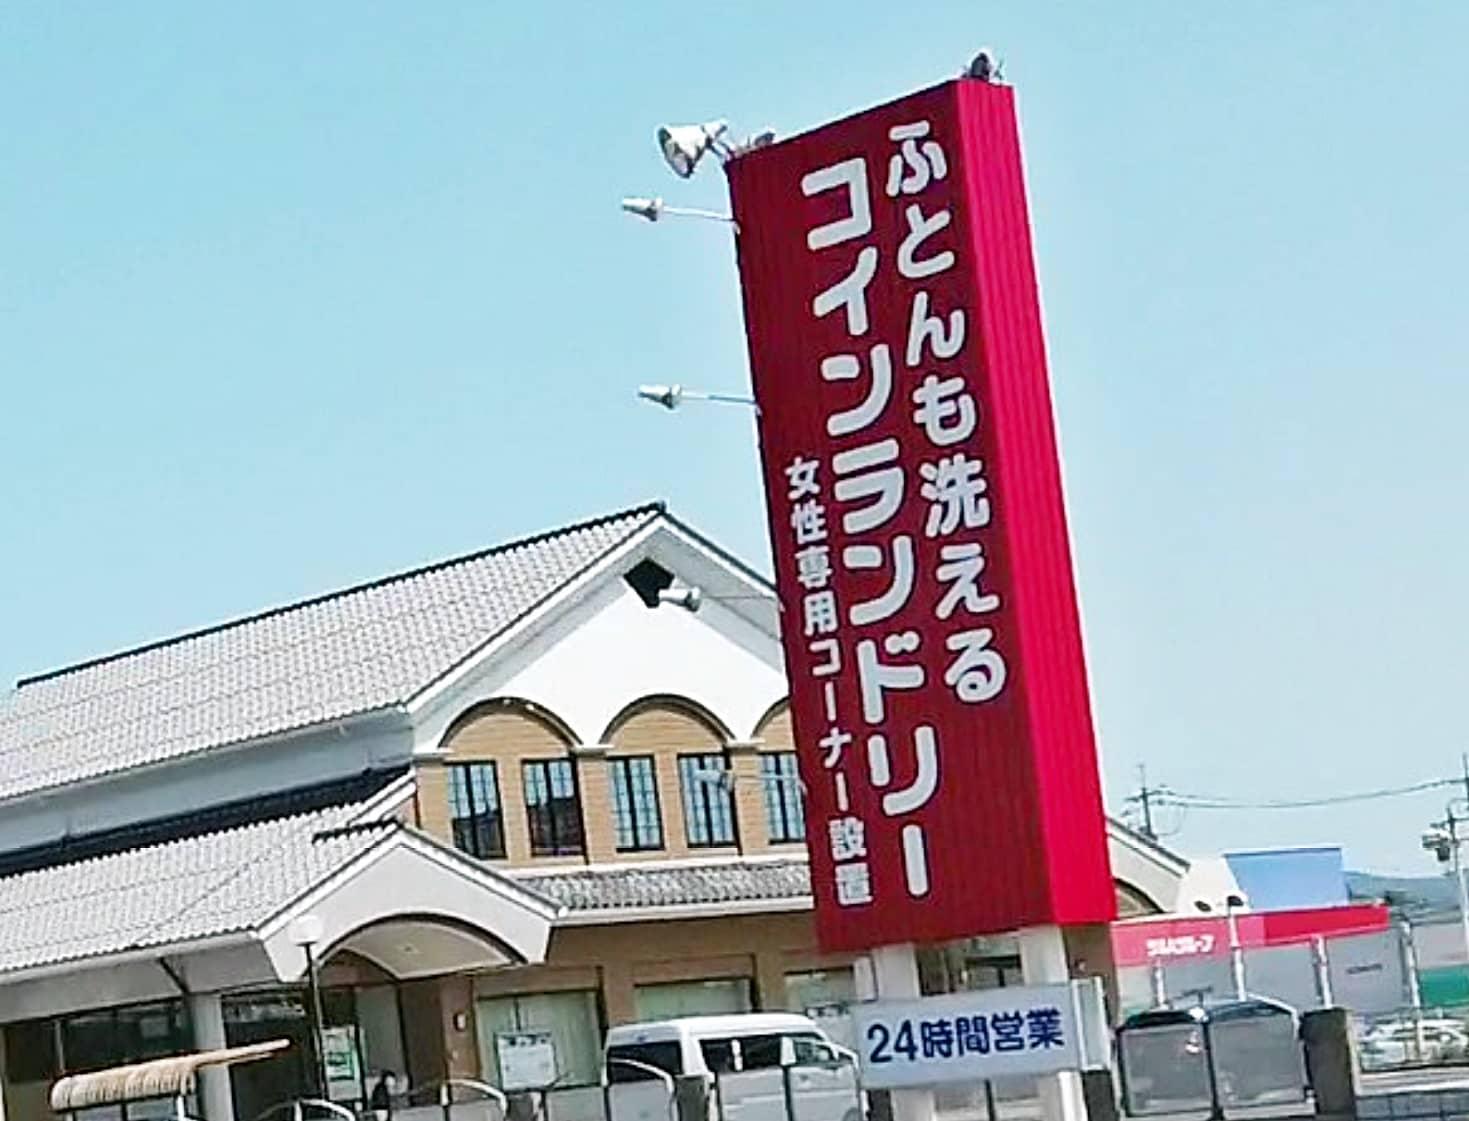 クリーニング ママの店 平田店 看板